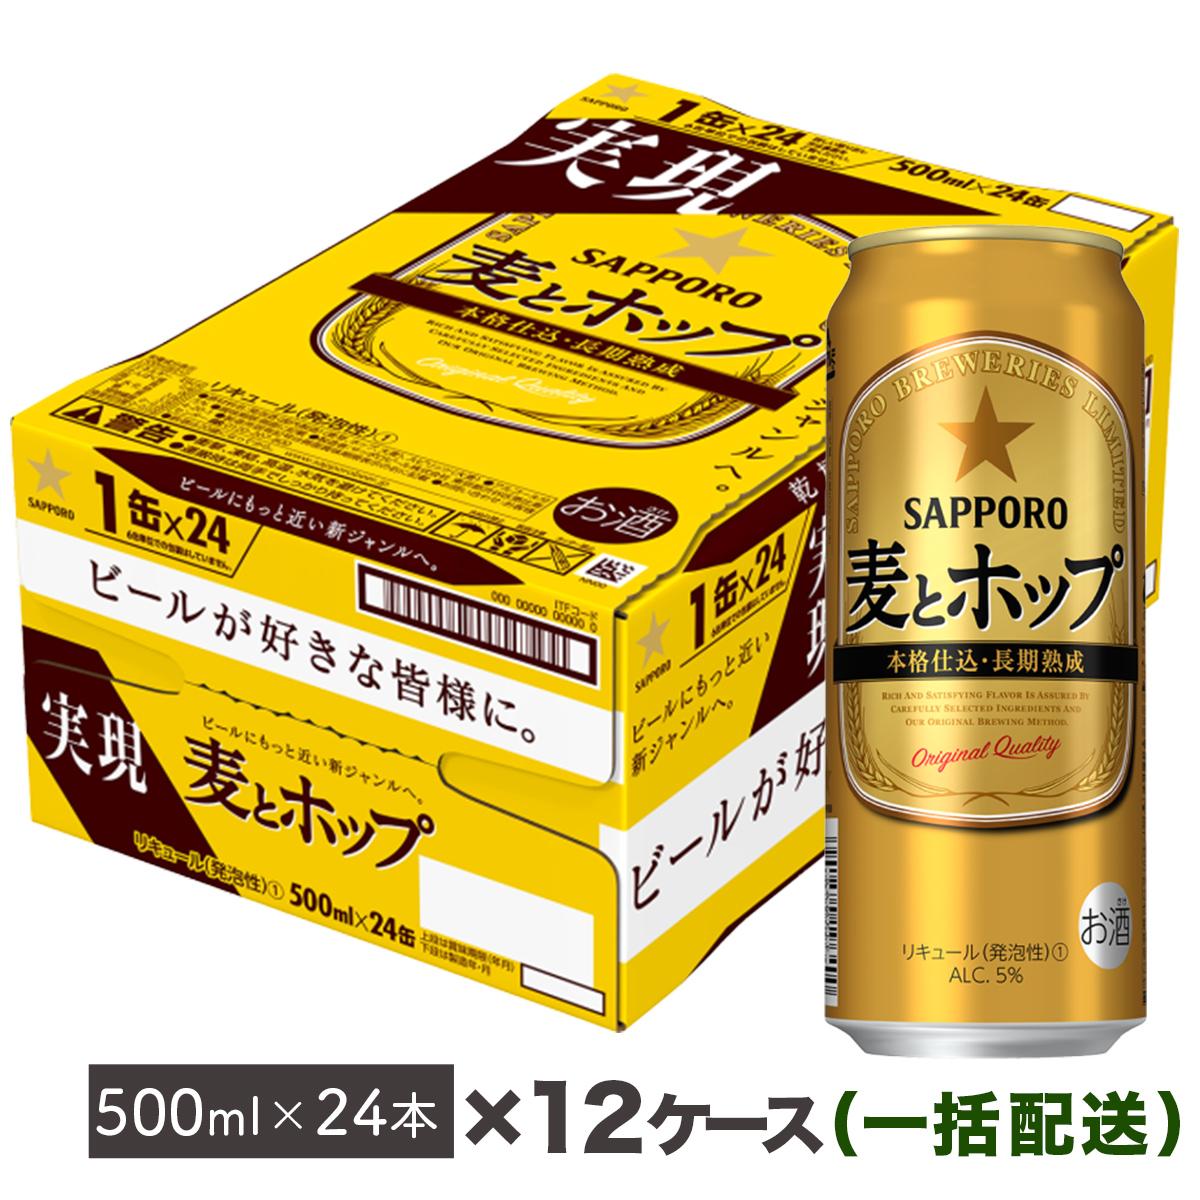 【ふるさと納税】地元名取生産 麦とホップ 500ml 24本 12箱お届け(同時お届け)